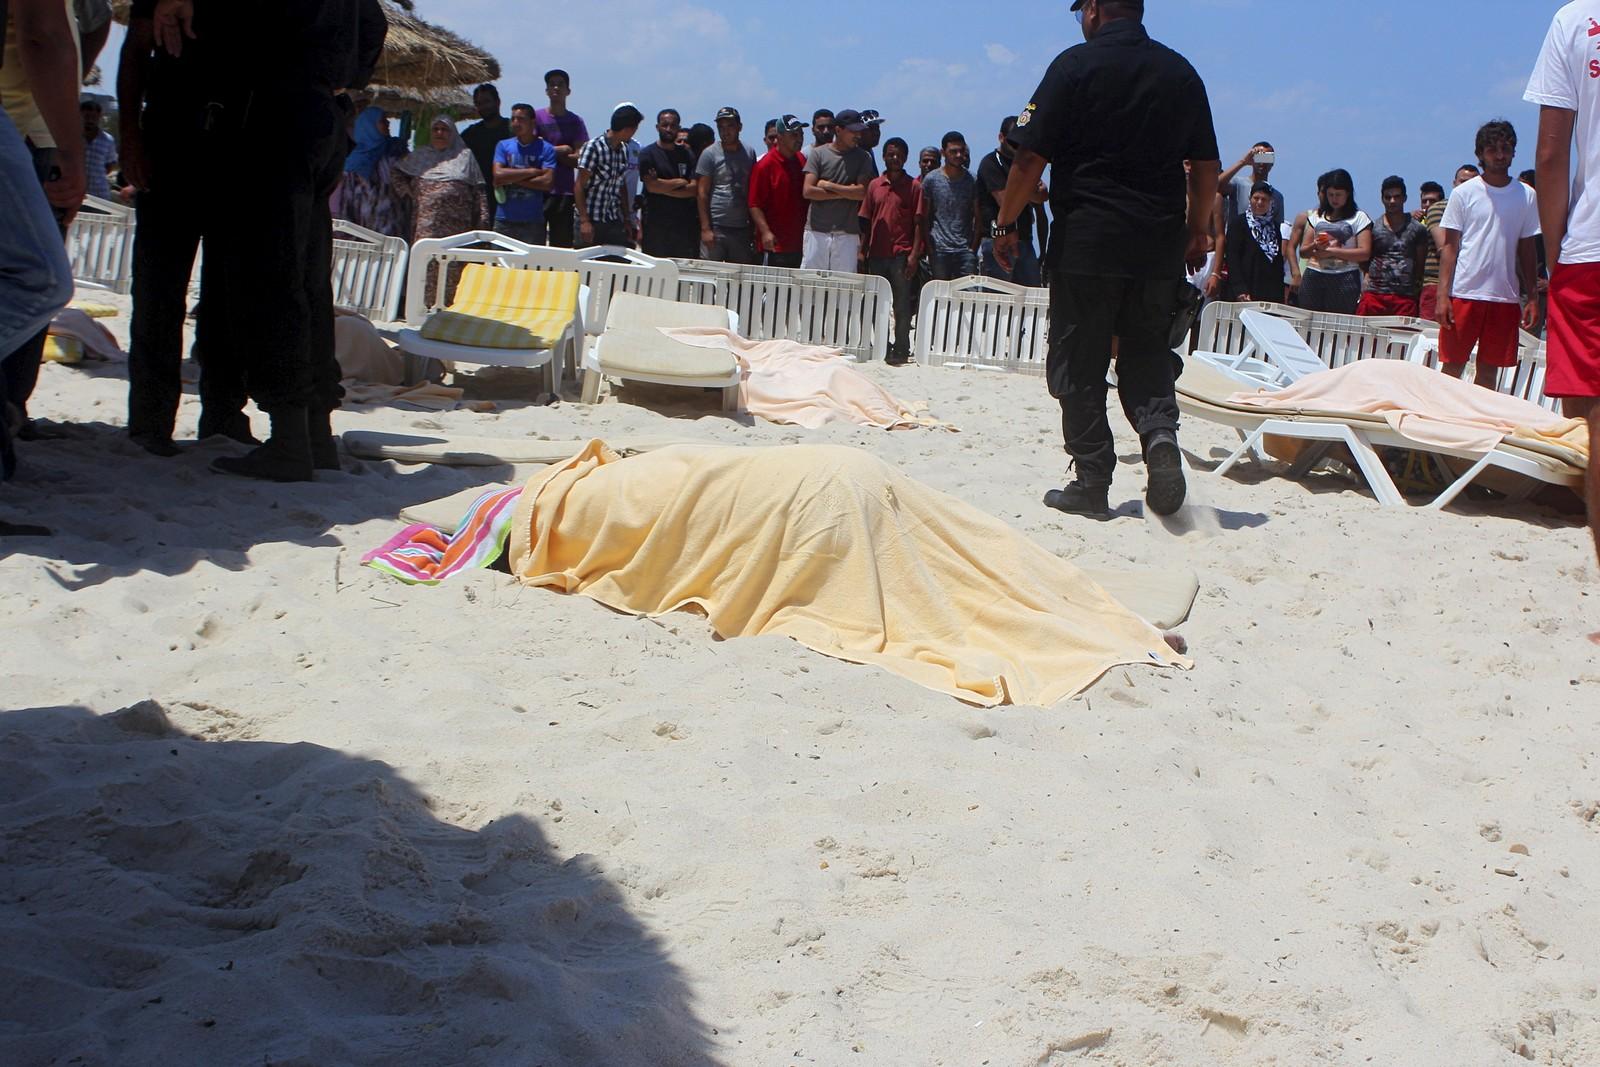 En død feriegjest er dekket til etter å ha blitt skutt like ved et strandhotell i Sousse i Tunisia. Gjerningsmannen skal ha skjult skytevåpenet i en solparasoll.